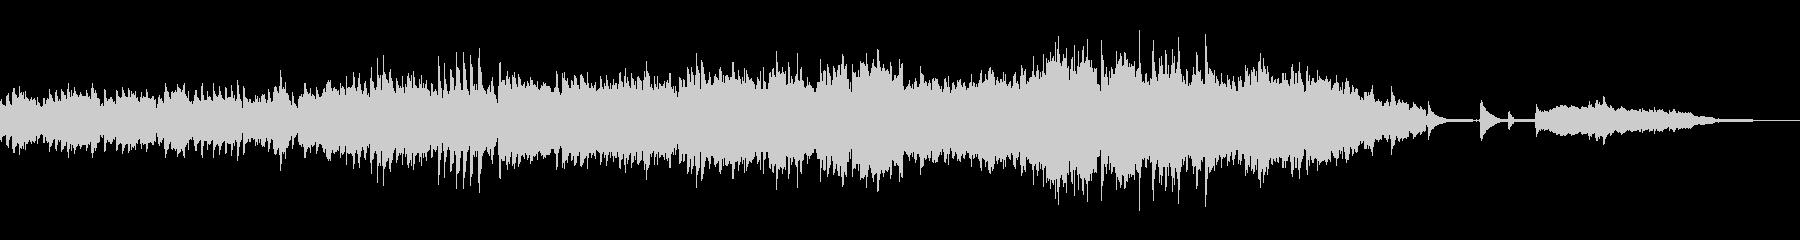 【生】ピアノ協奏曲風=少し盛り上がるの未再生の波形